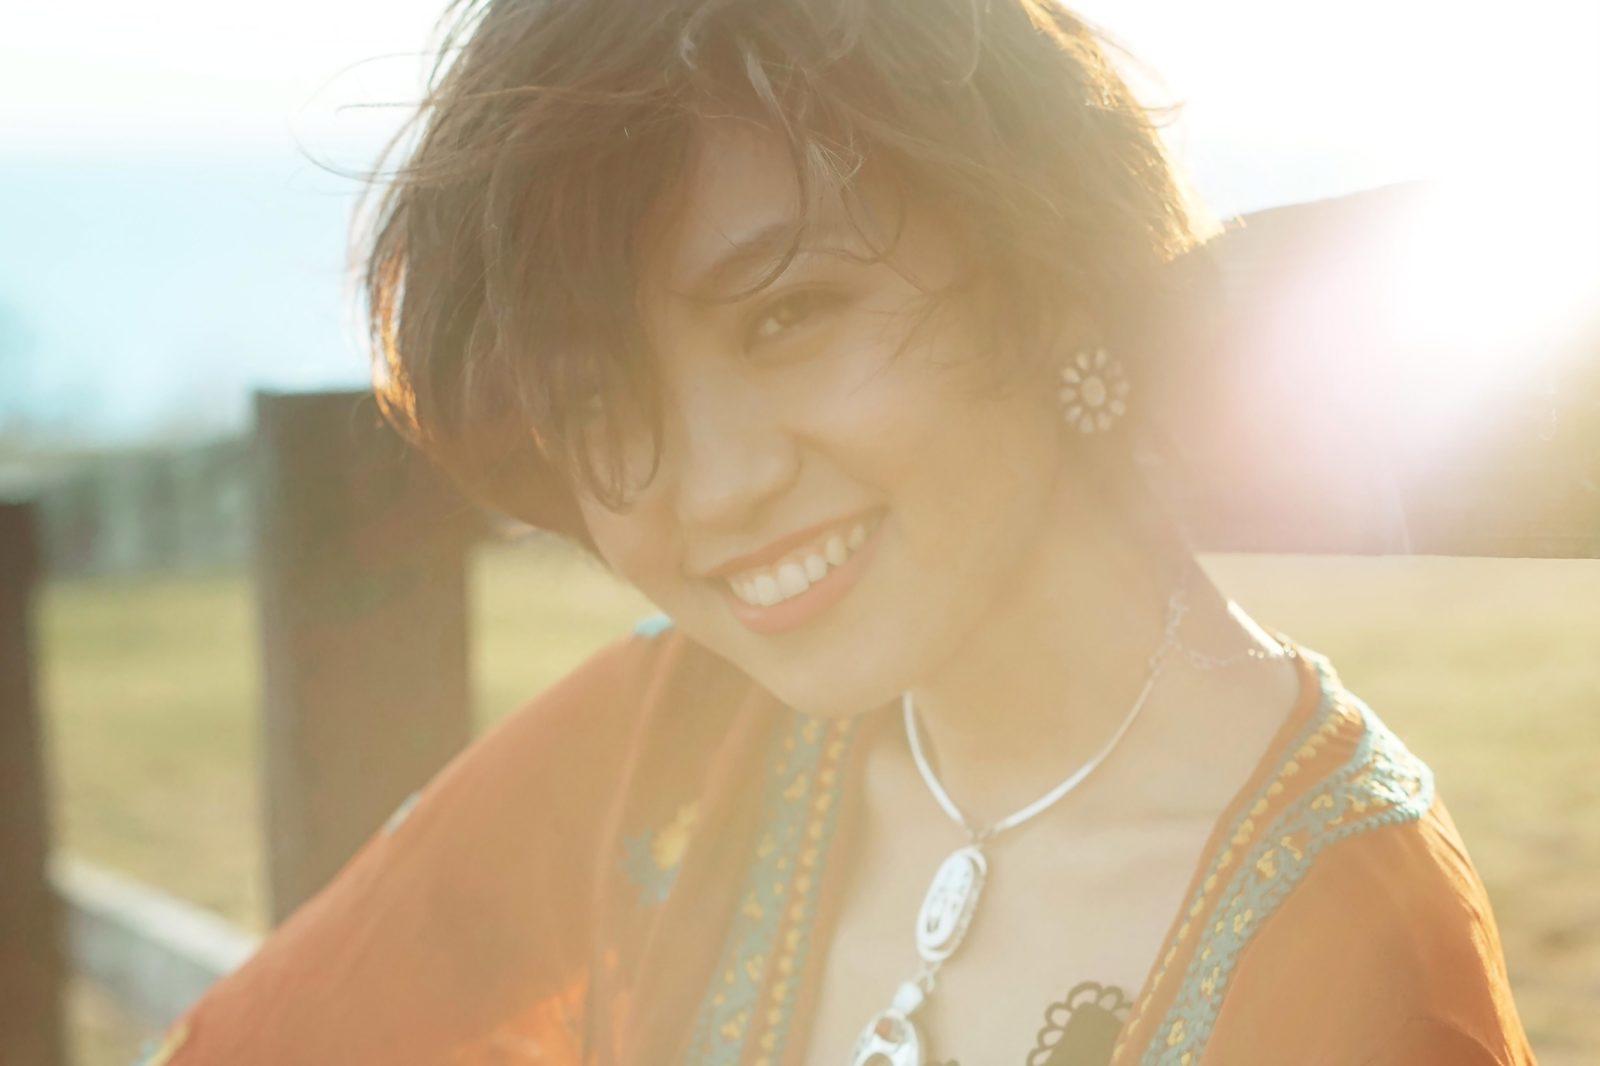 吉高由里子主演の映画『ユリゴコロ』の主題歌をRihwaが書き下ろし「壮大なラブストーリーを感じさせる曲」サムネイル画像